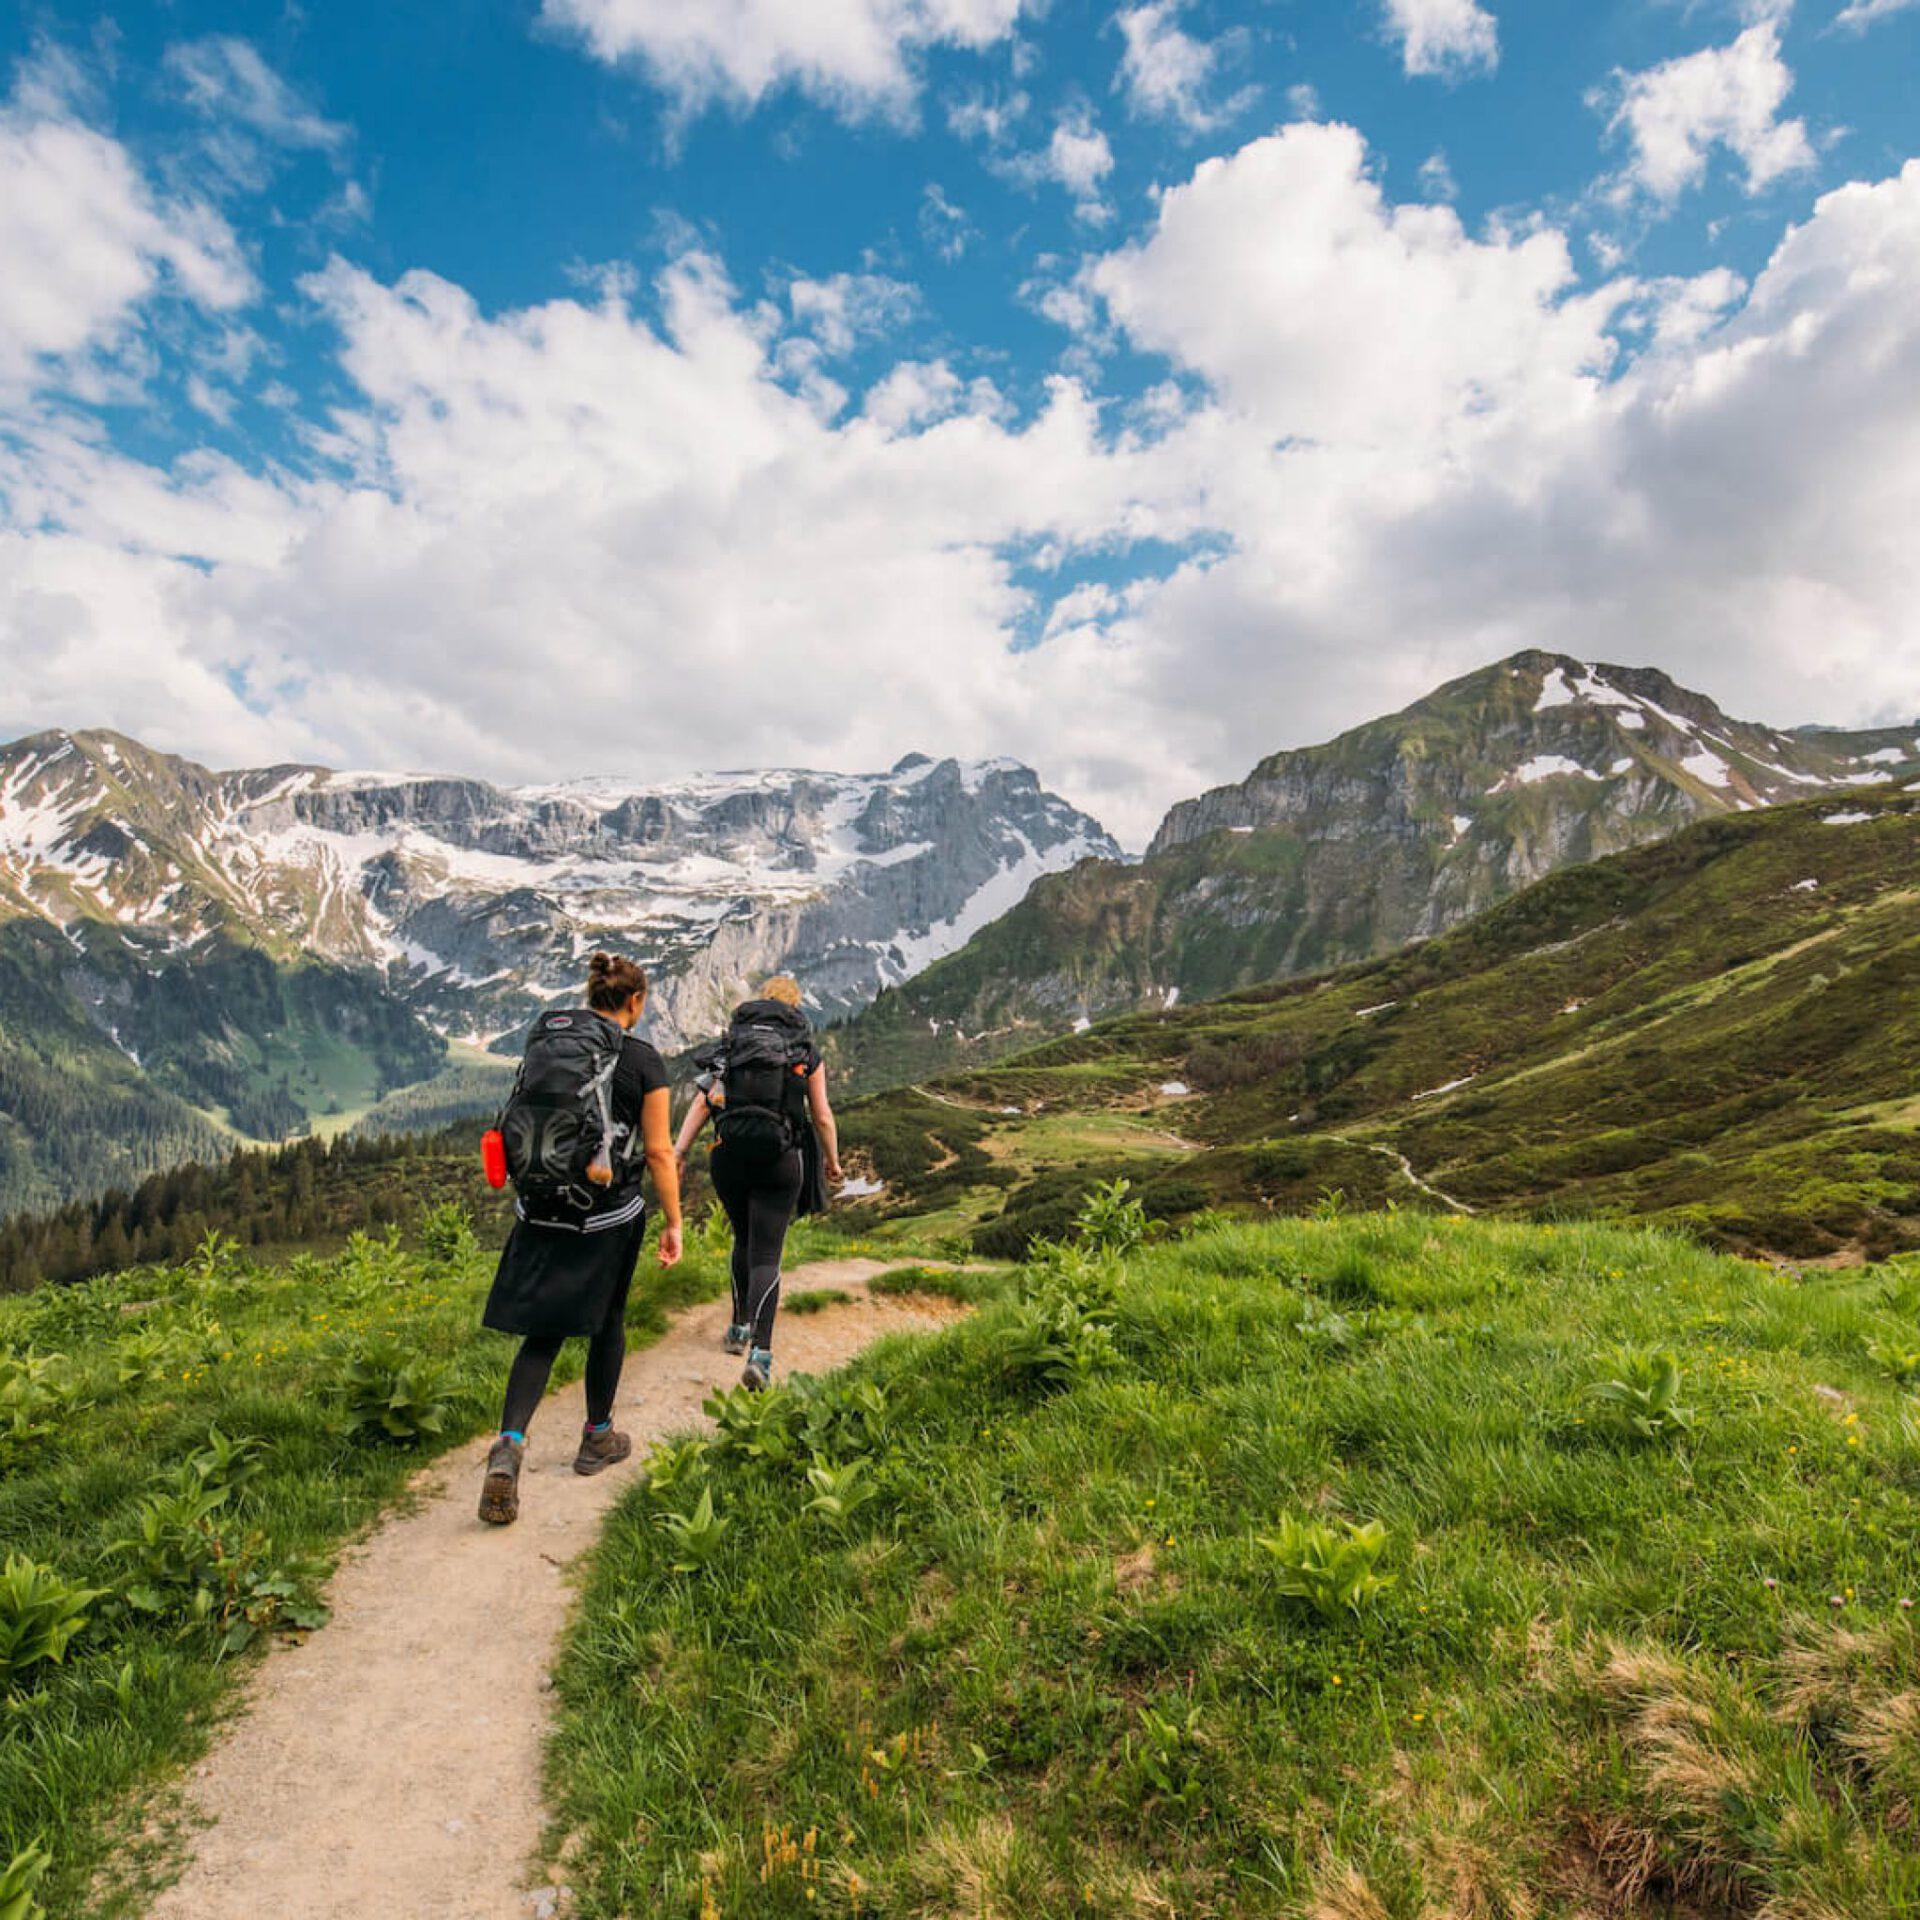 vorarlberg gauertal hiking lake mountains golm montafon snow